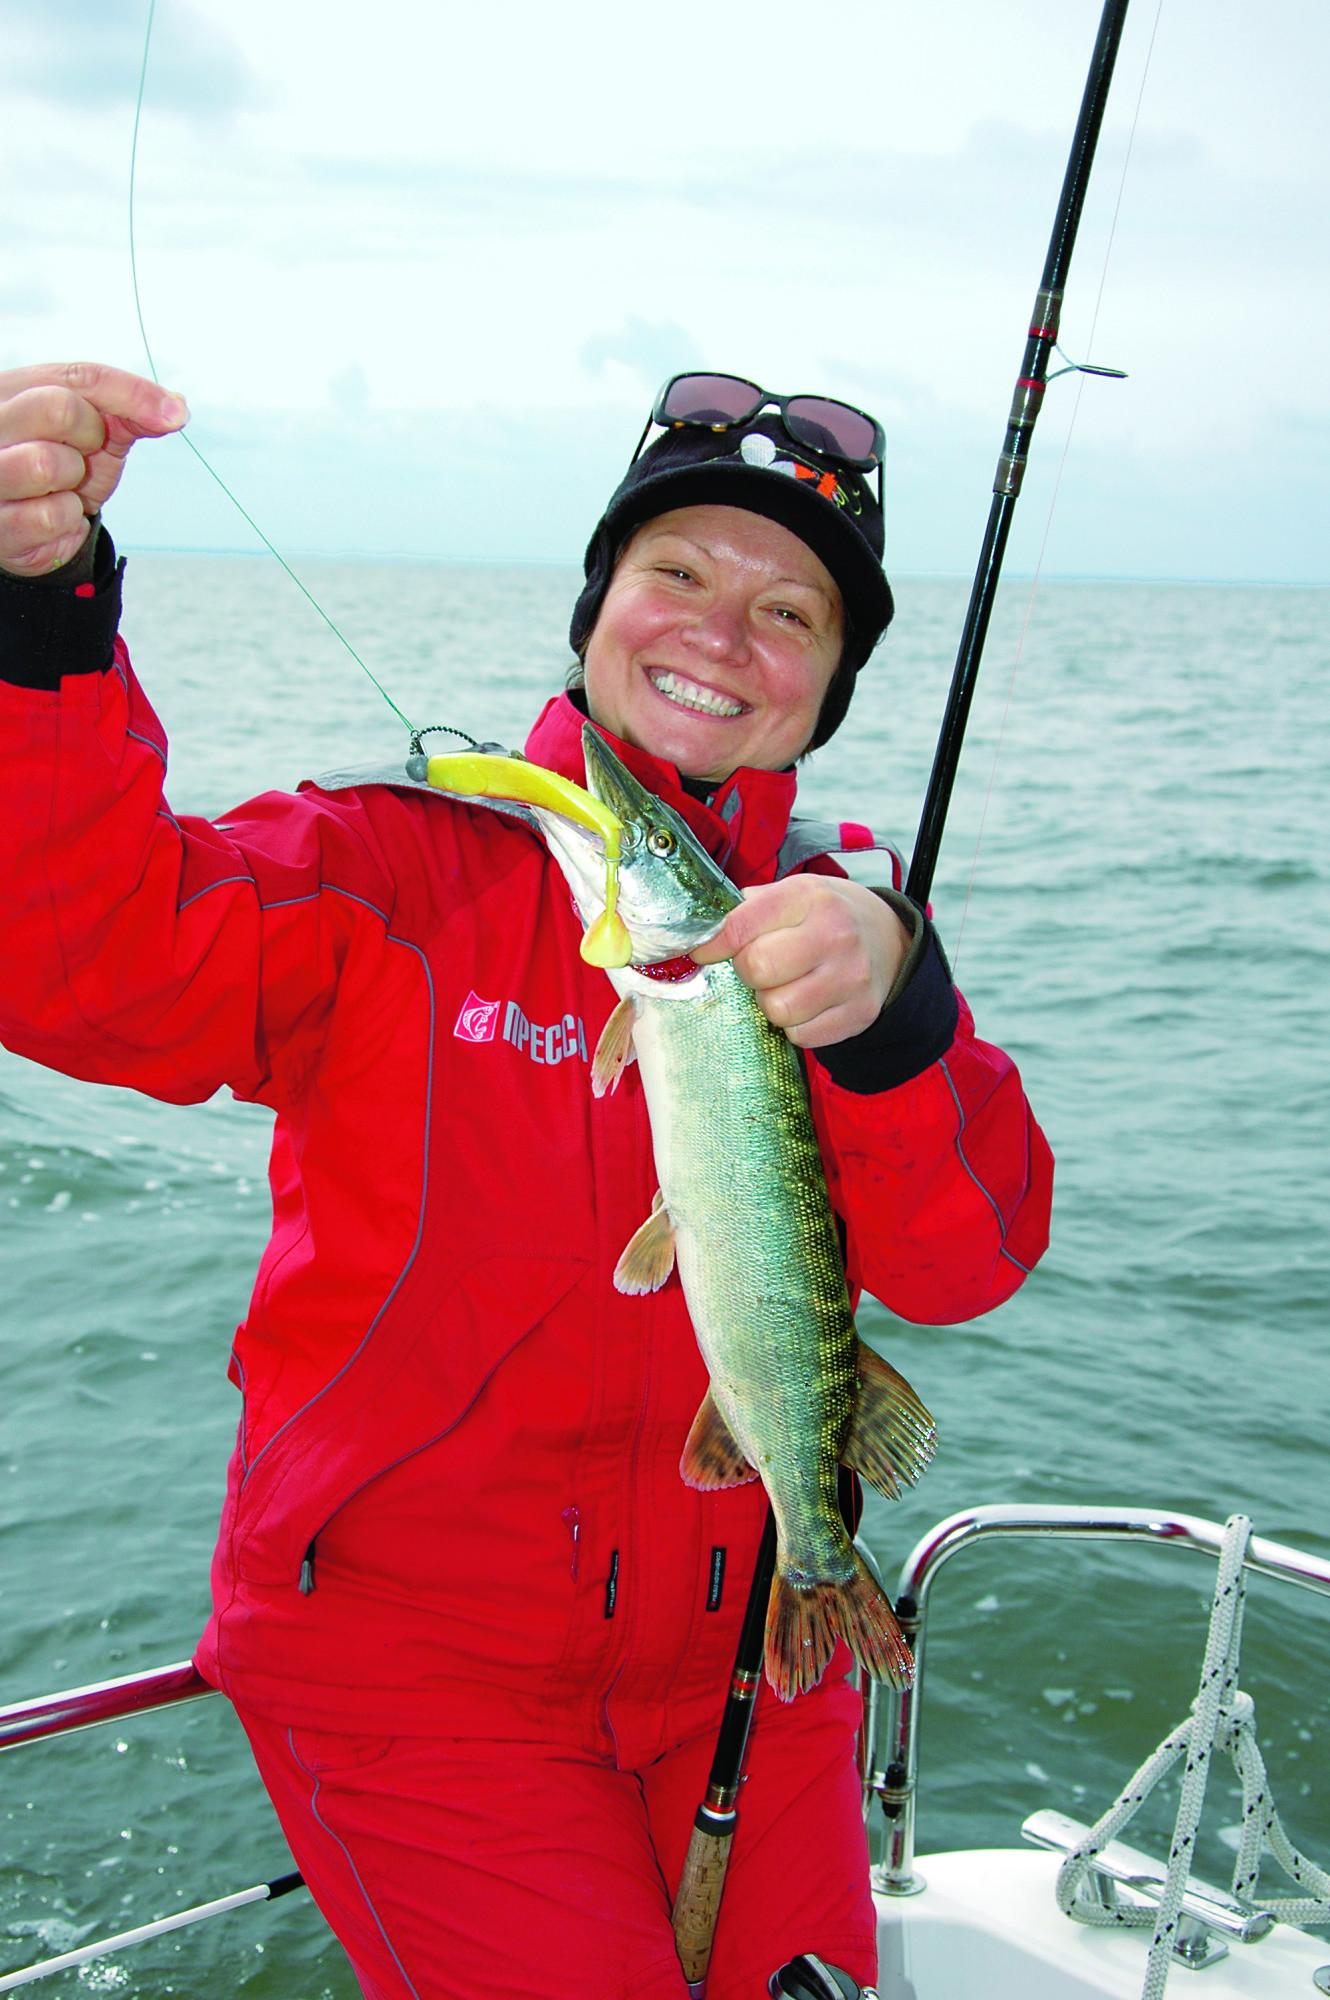 Zwischen Festland und der Insel Usedom mündet die Peene mit ihrem Strom in die Ostsee und schafft hier einen unglaublichen Fischreichtum. Foto: BLINKER